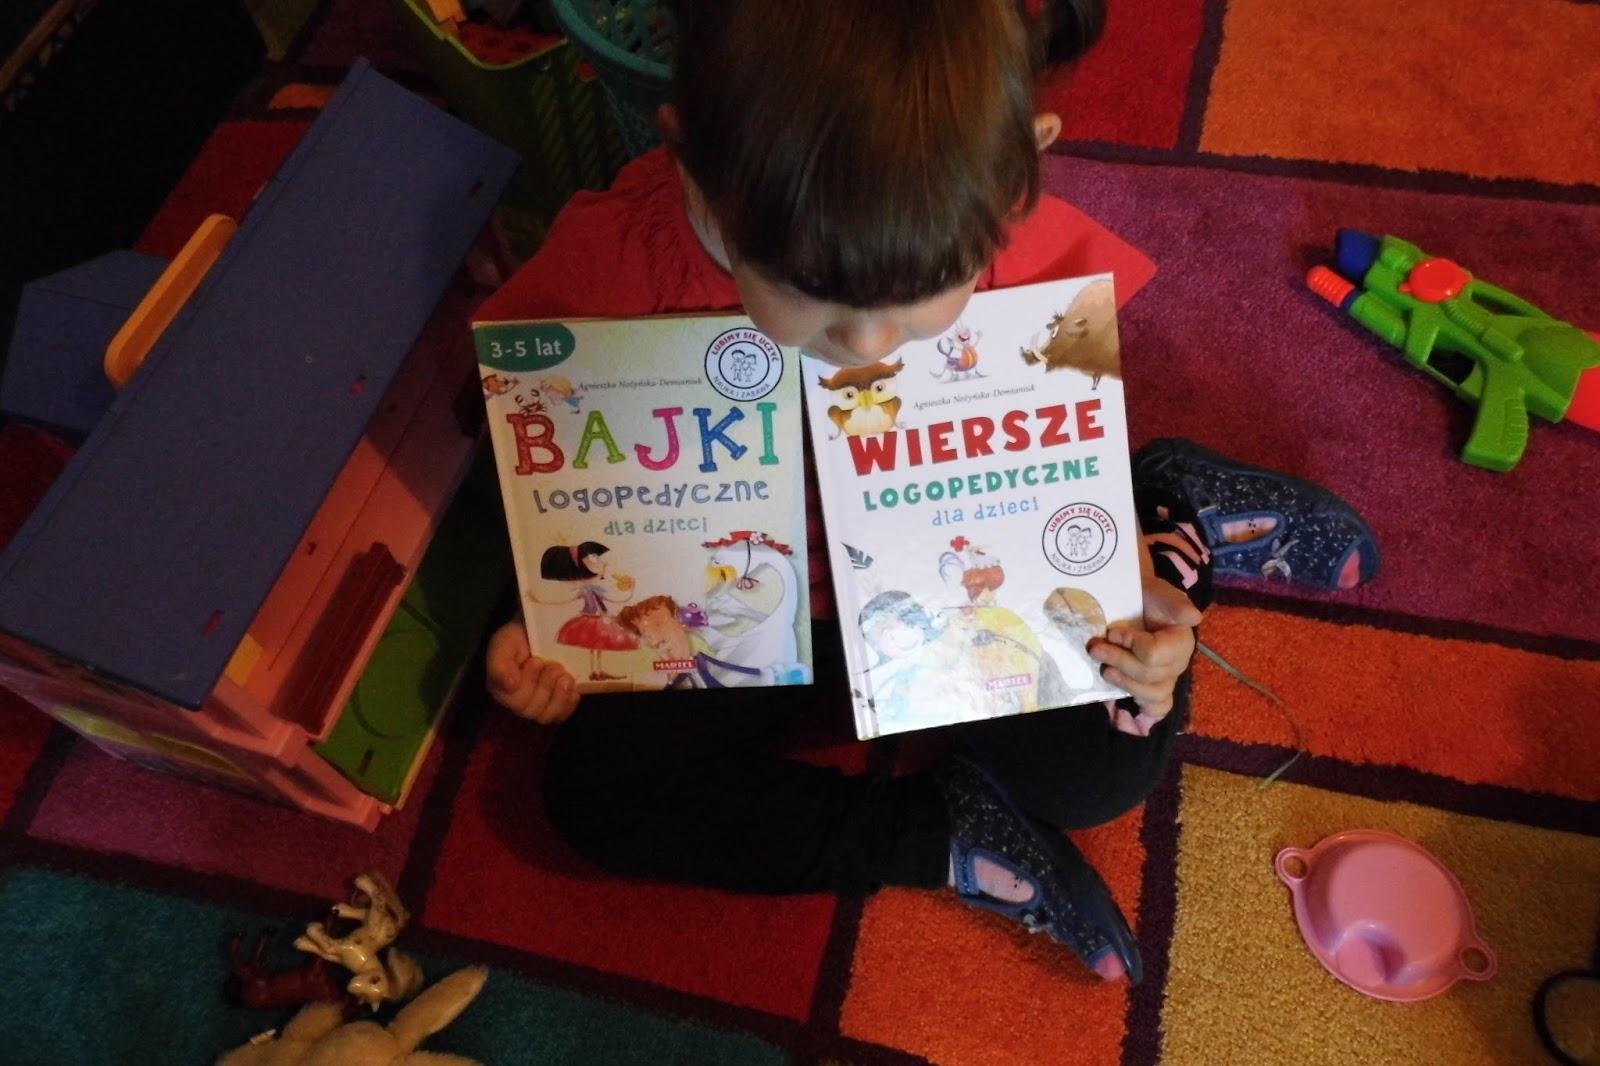 I Czerwone Szpilki Bajki I Wiersze Logopedyczne Dla Dzieci